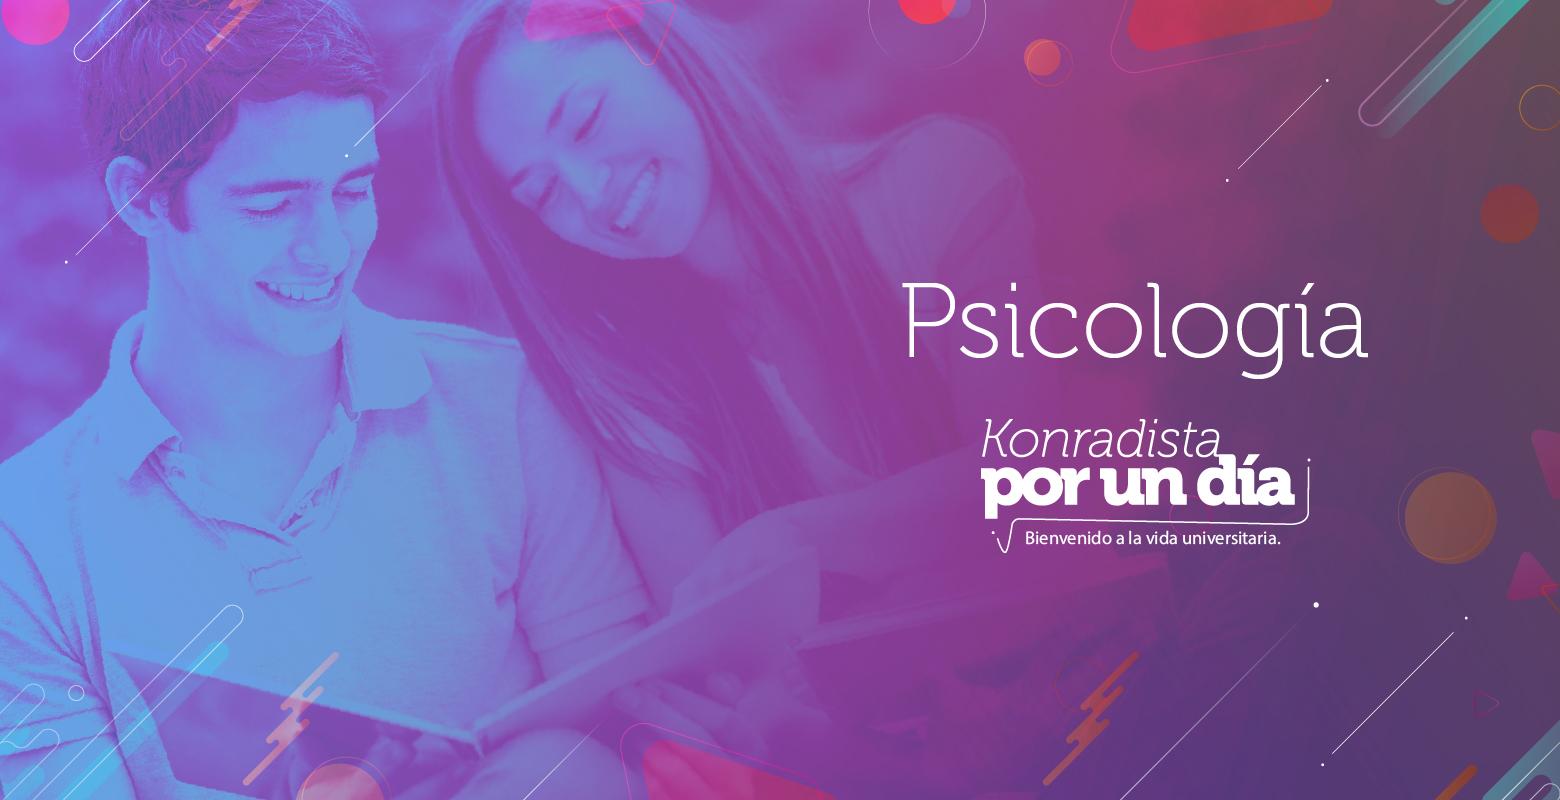 Universitario por un día en Psicología